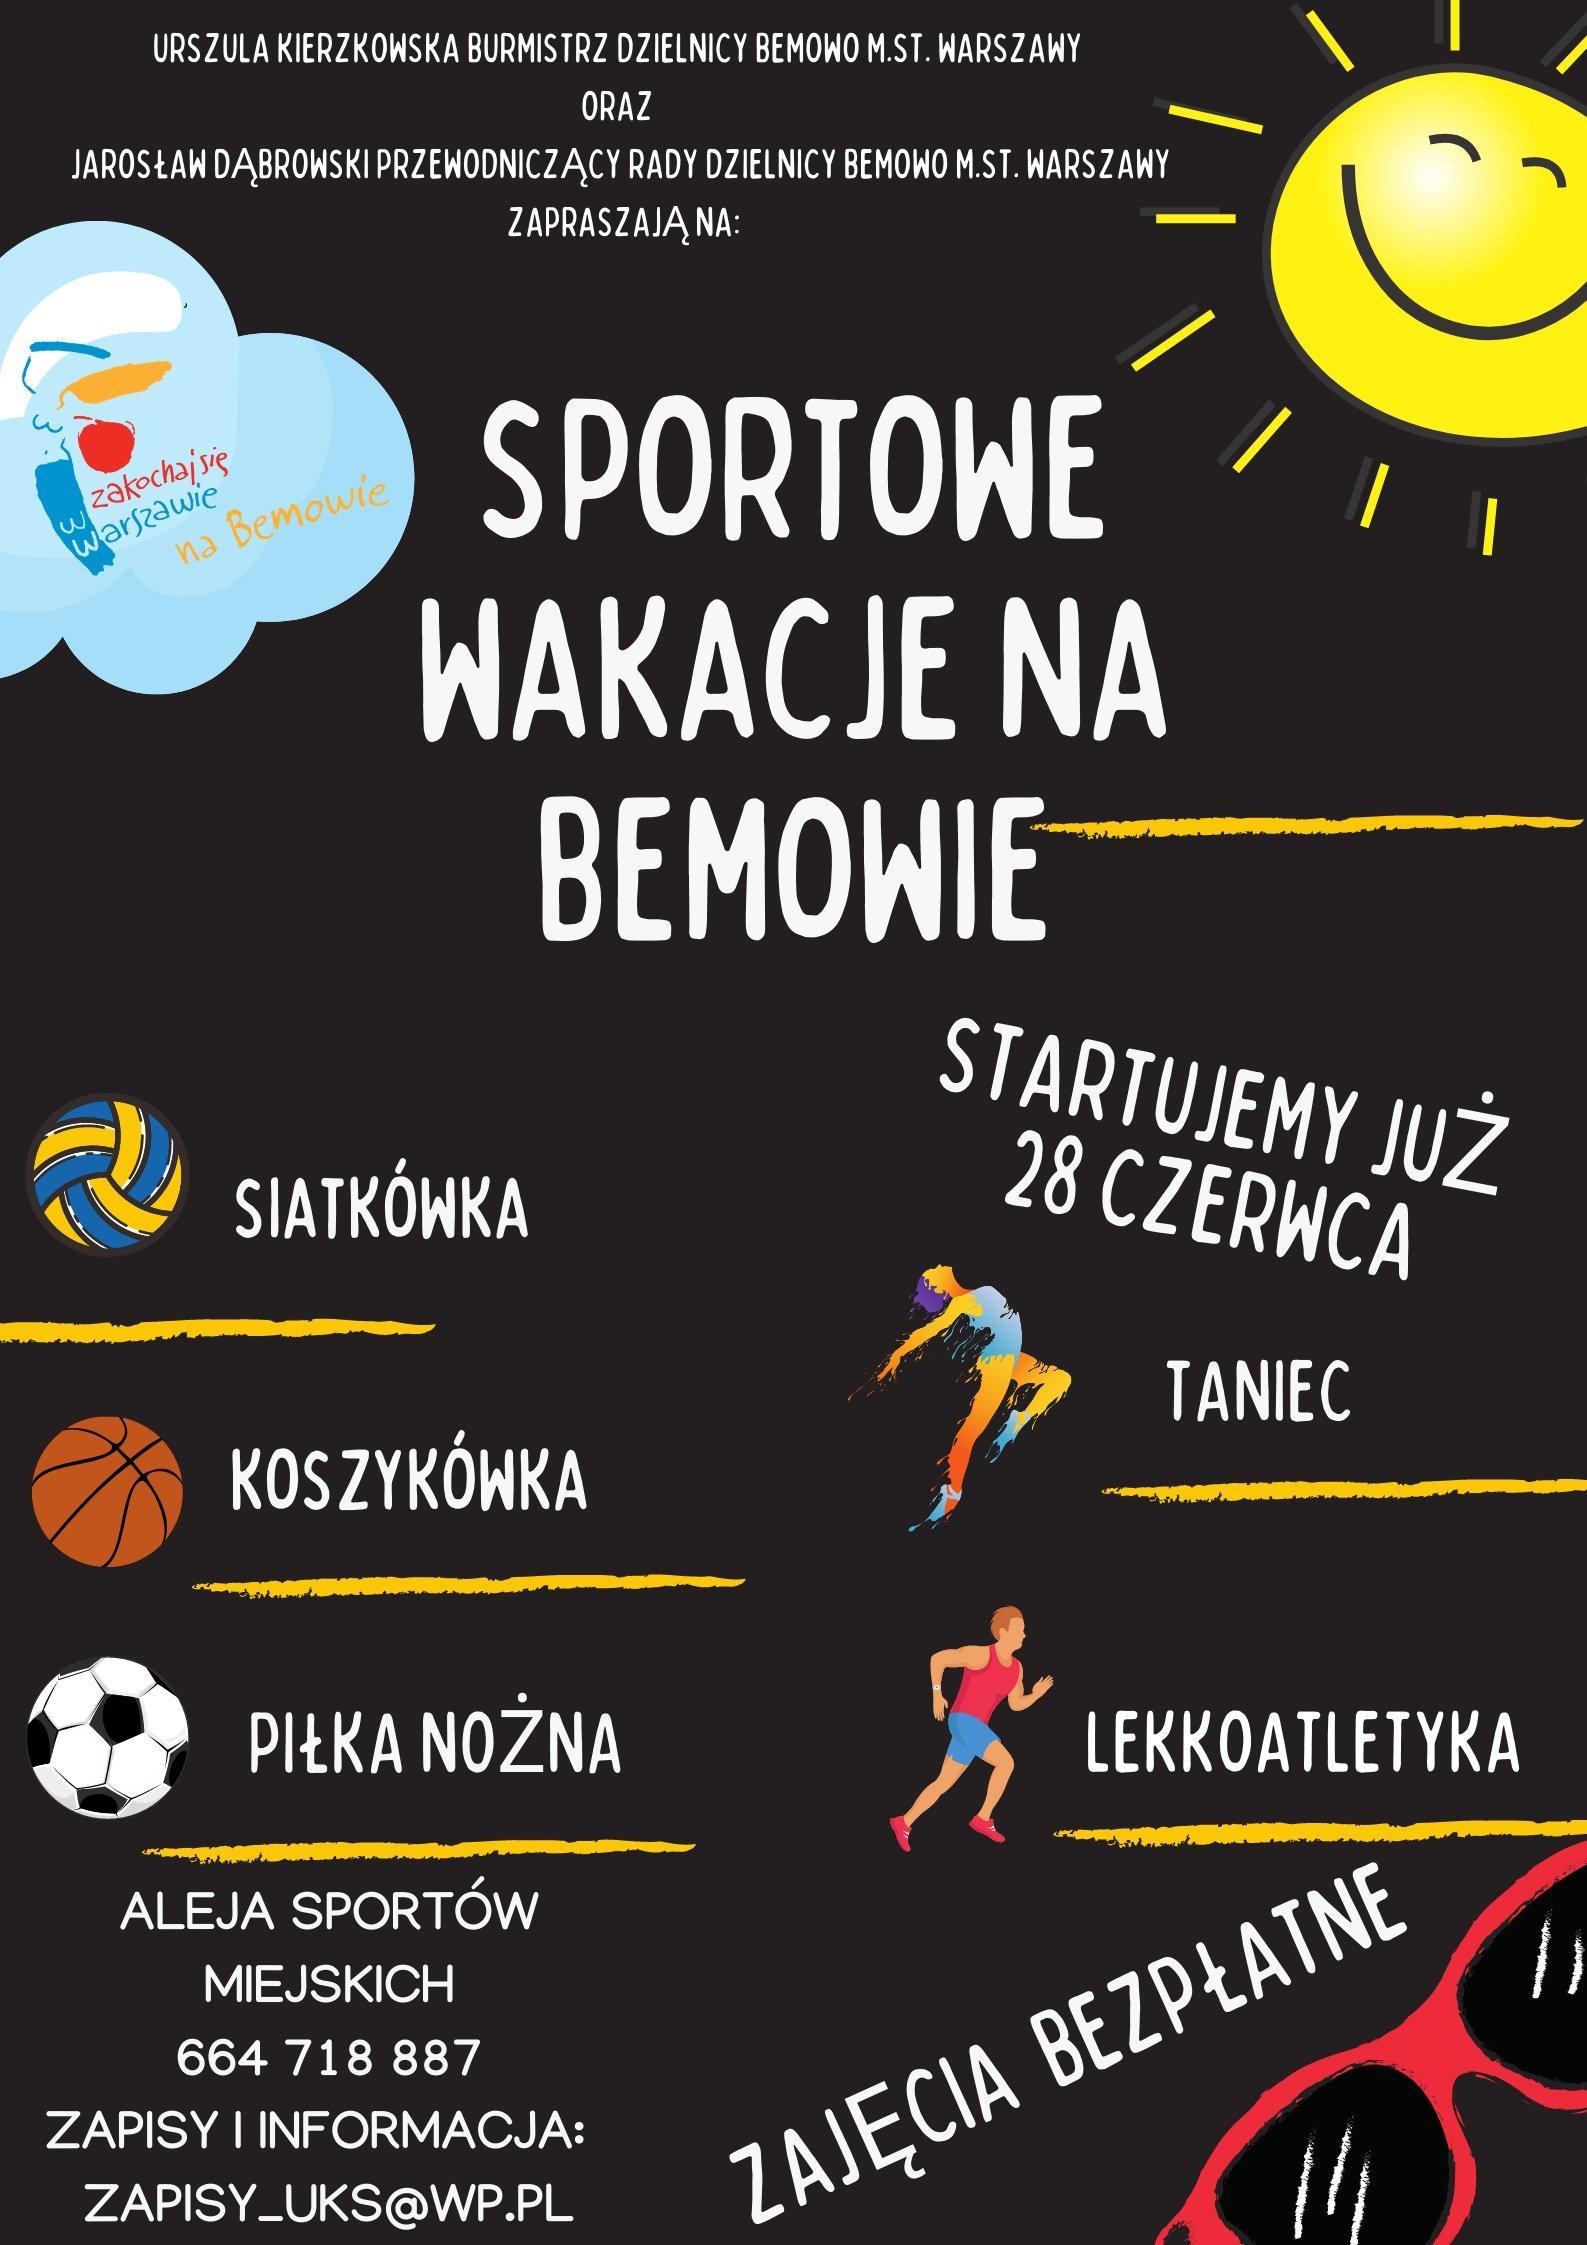 Sportowe wakacje na Bemowie! Bezpłatne zajęcia dla dzieci